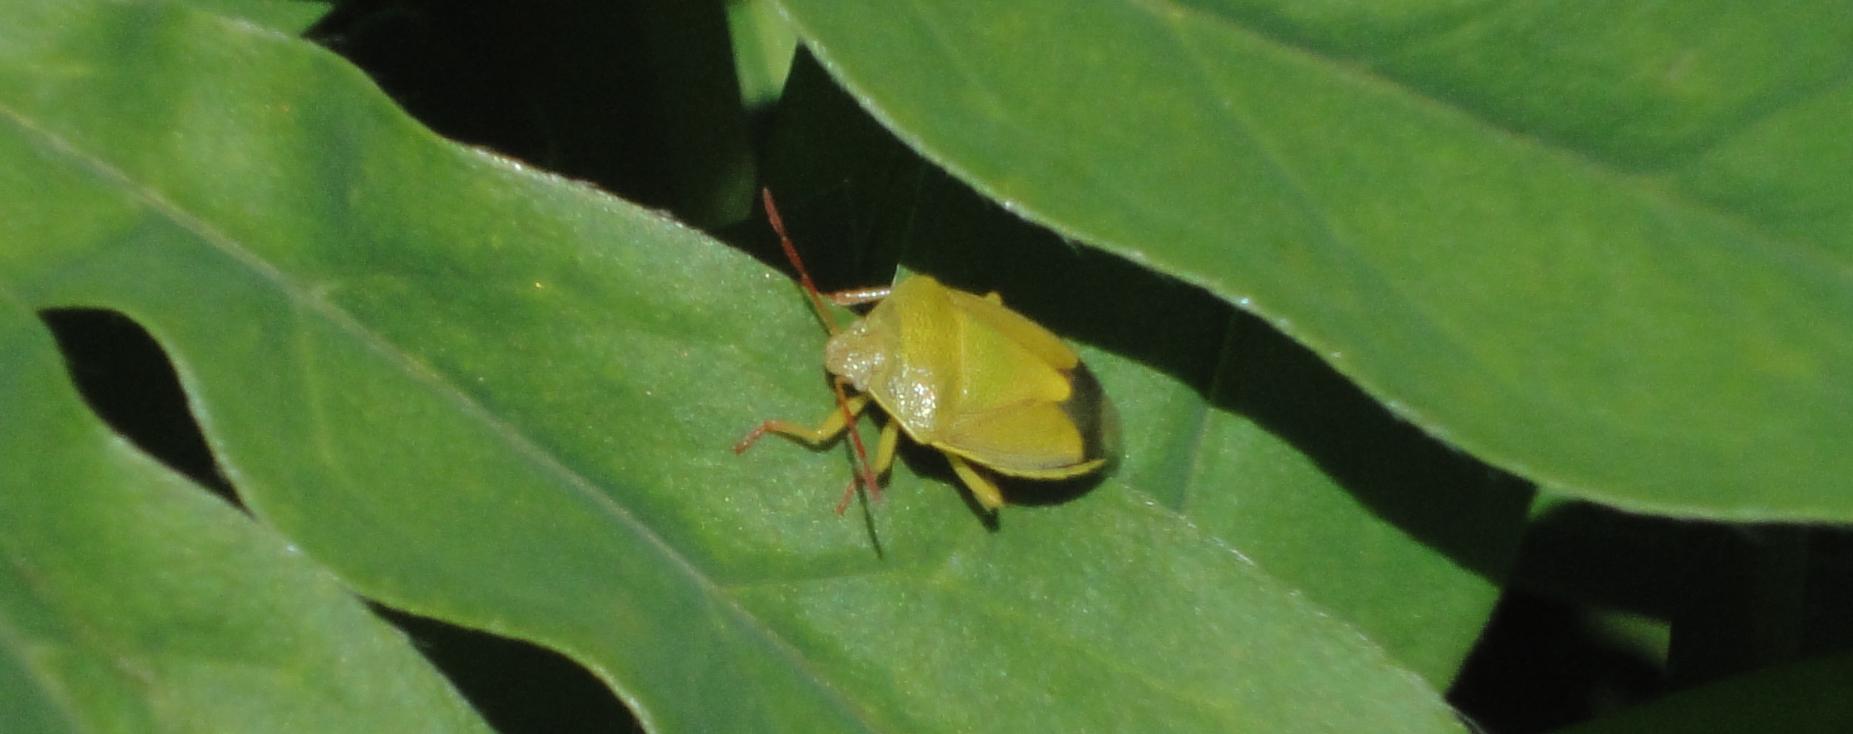 ploşniţă galbenă